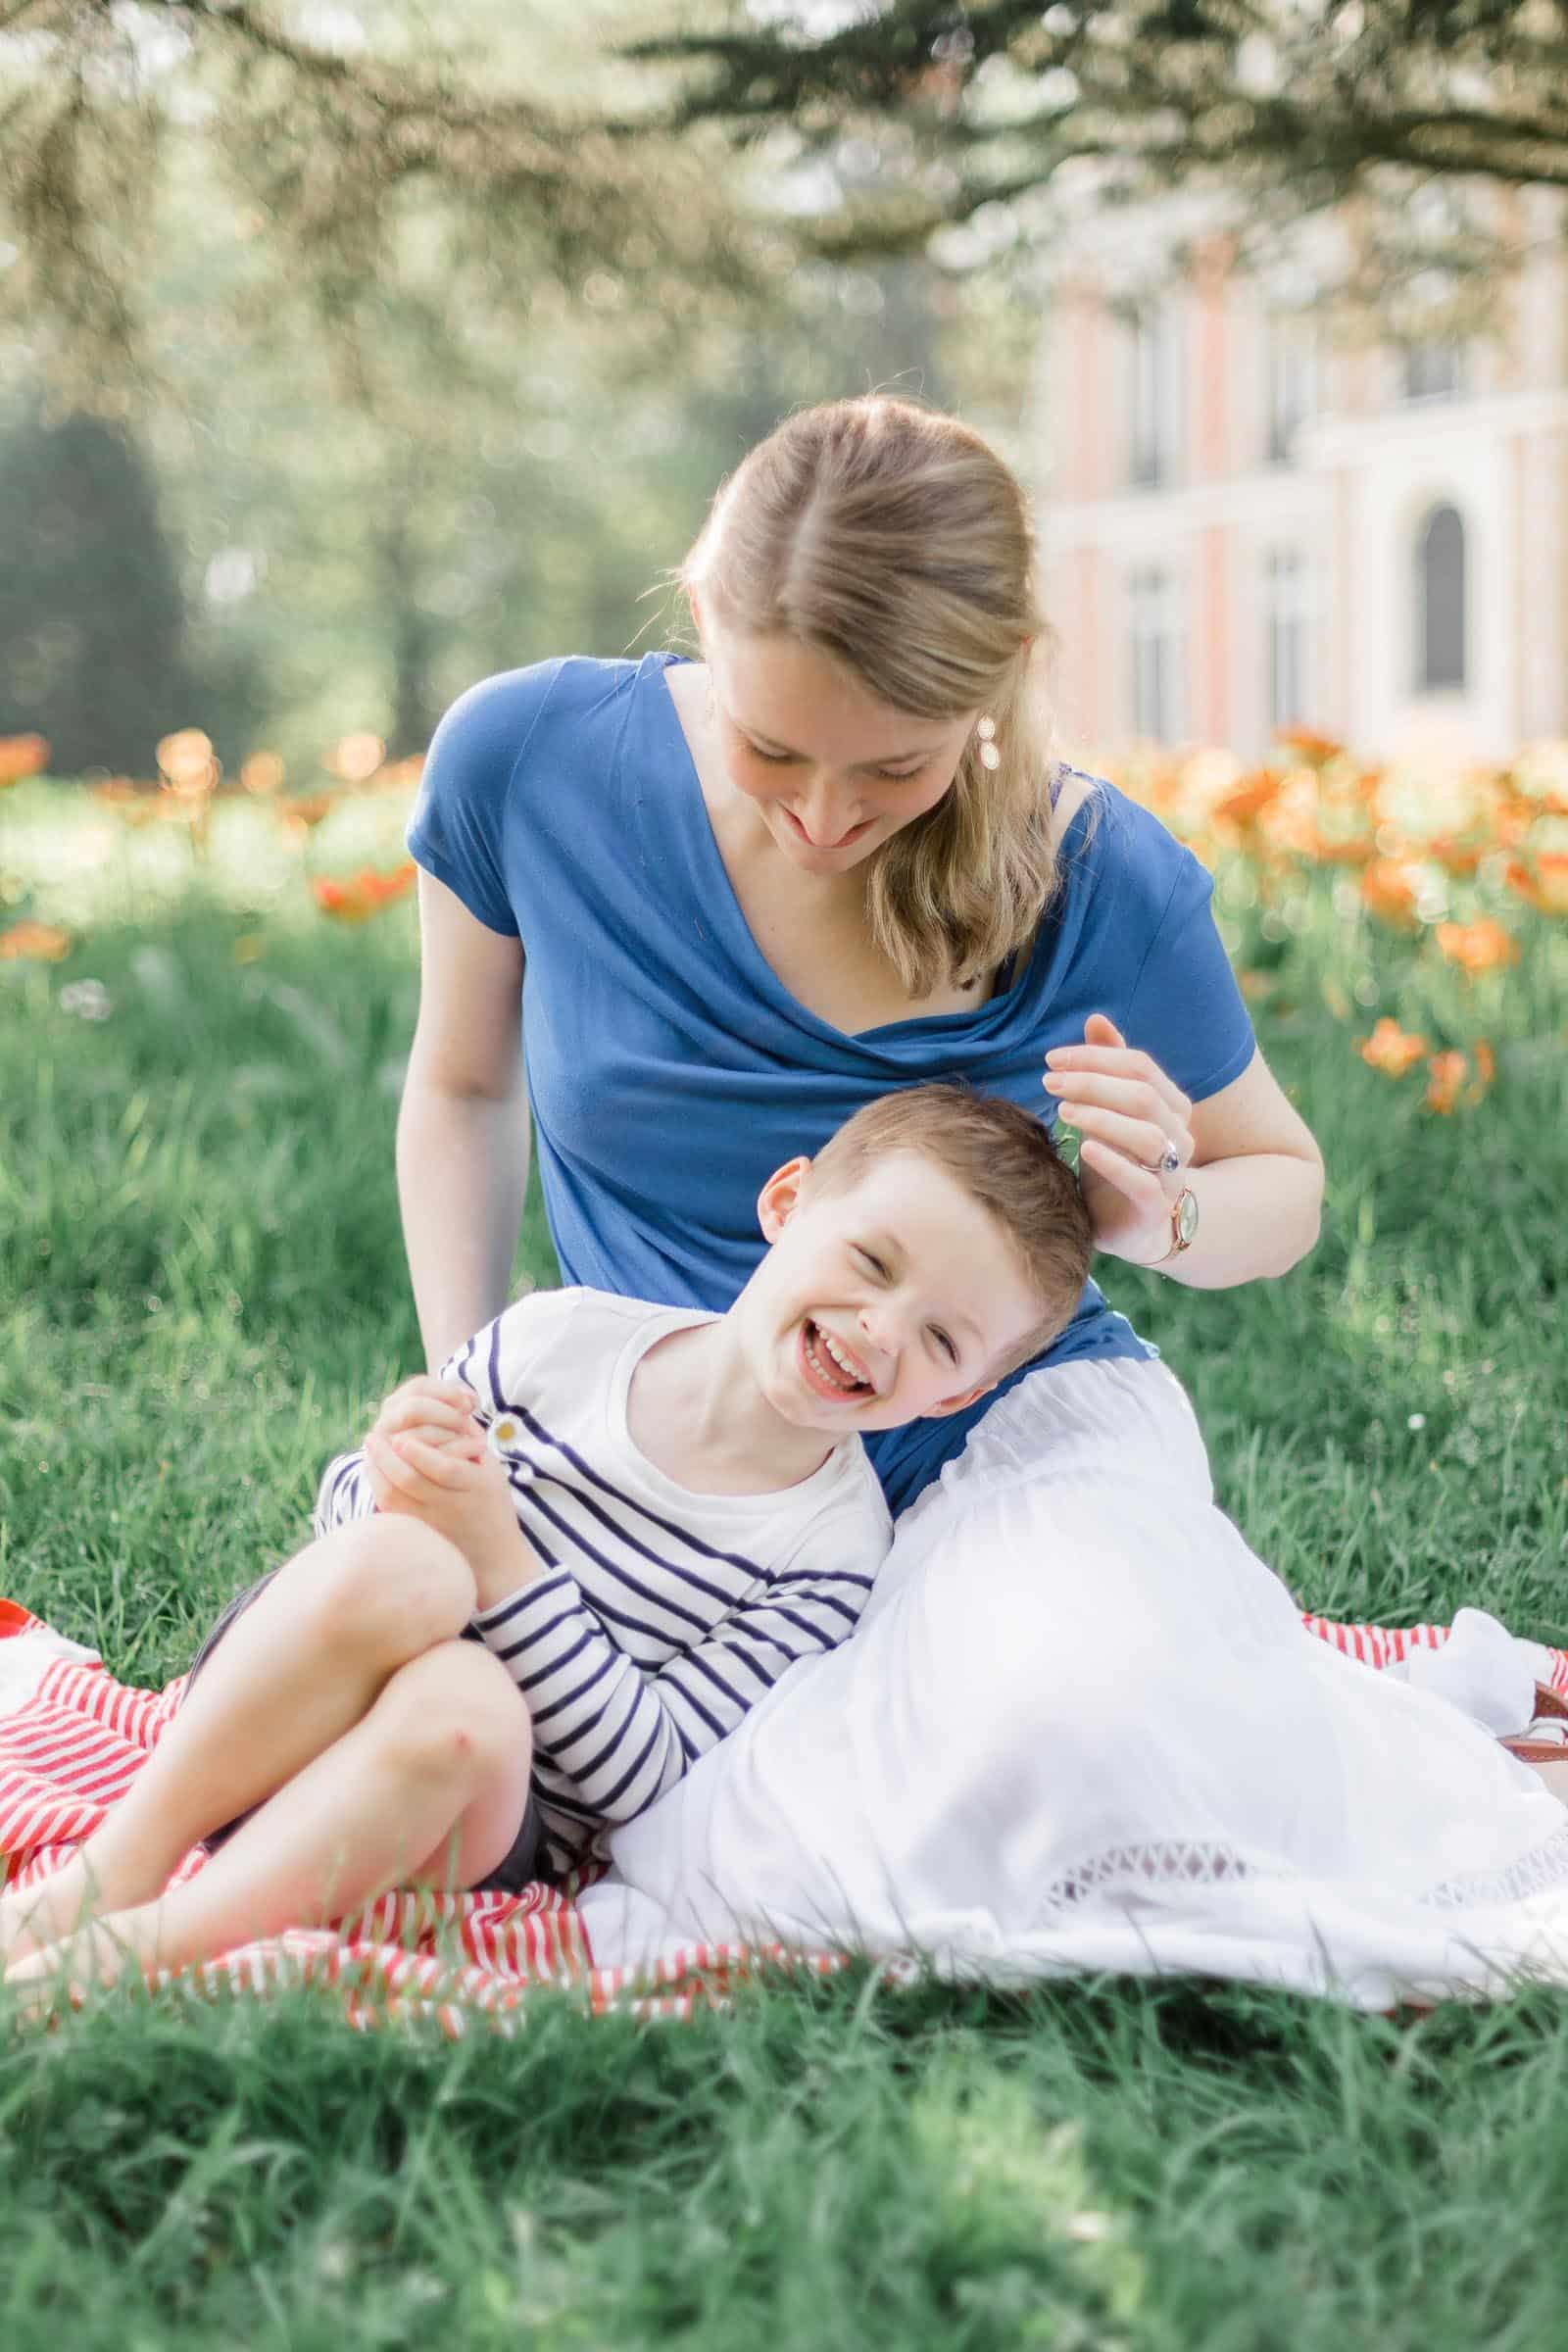 Photographie de Mathieu Dété, photographe de famille, présentant une maman jouant avec son enfant sur la pelouse